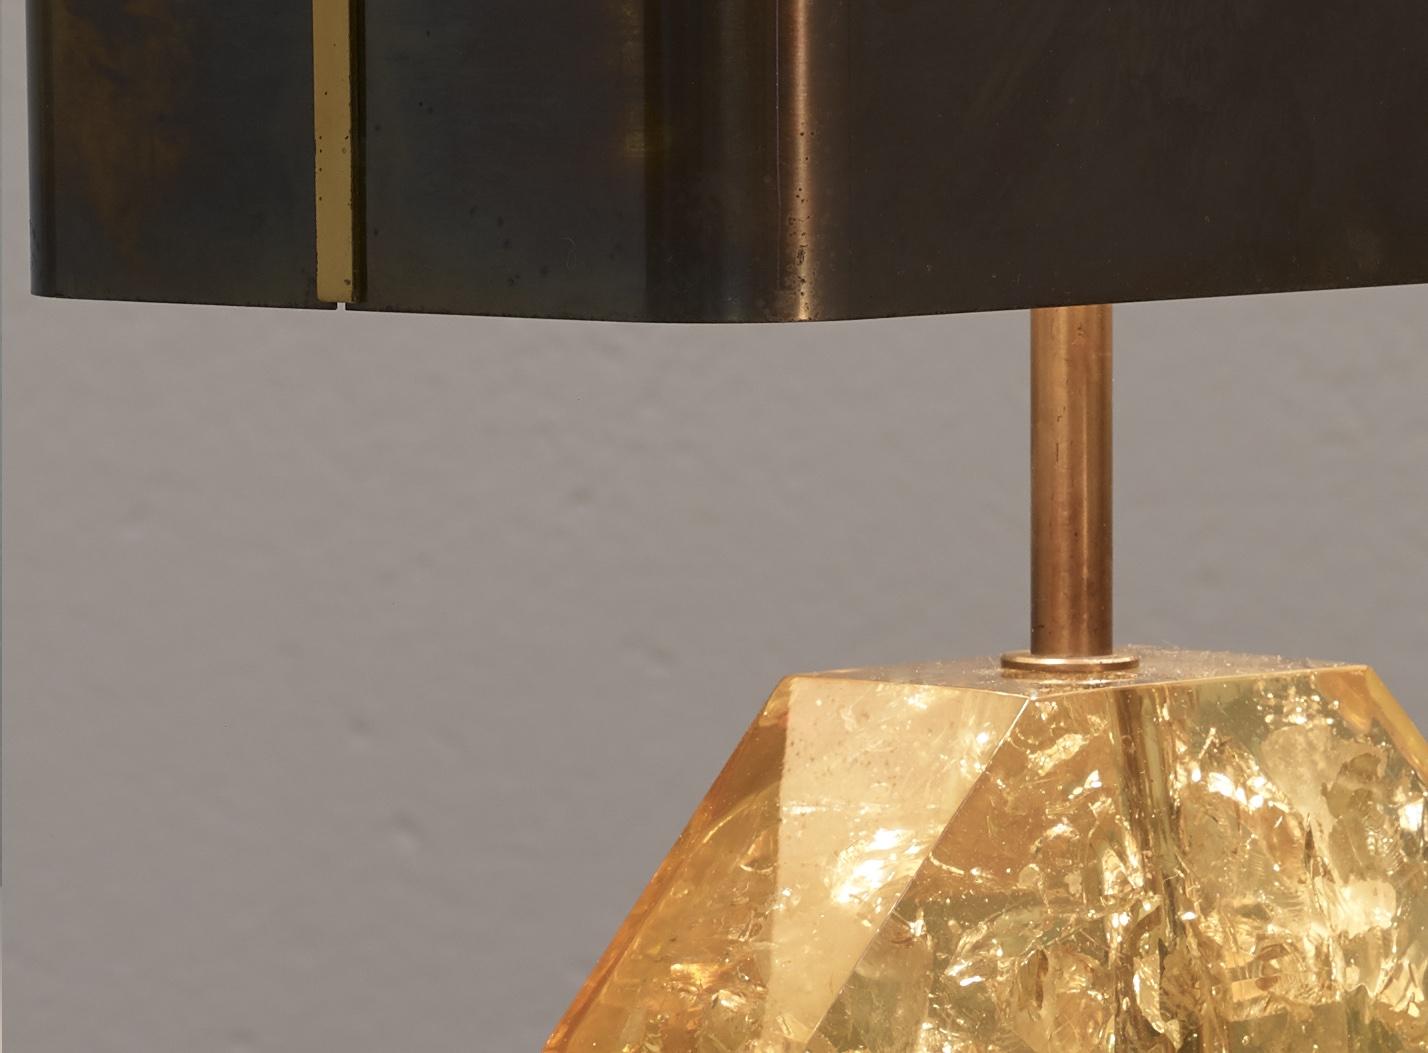 lampe-de-table-octogonale-en-resine-de-maison-charles-1970-image-02